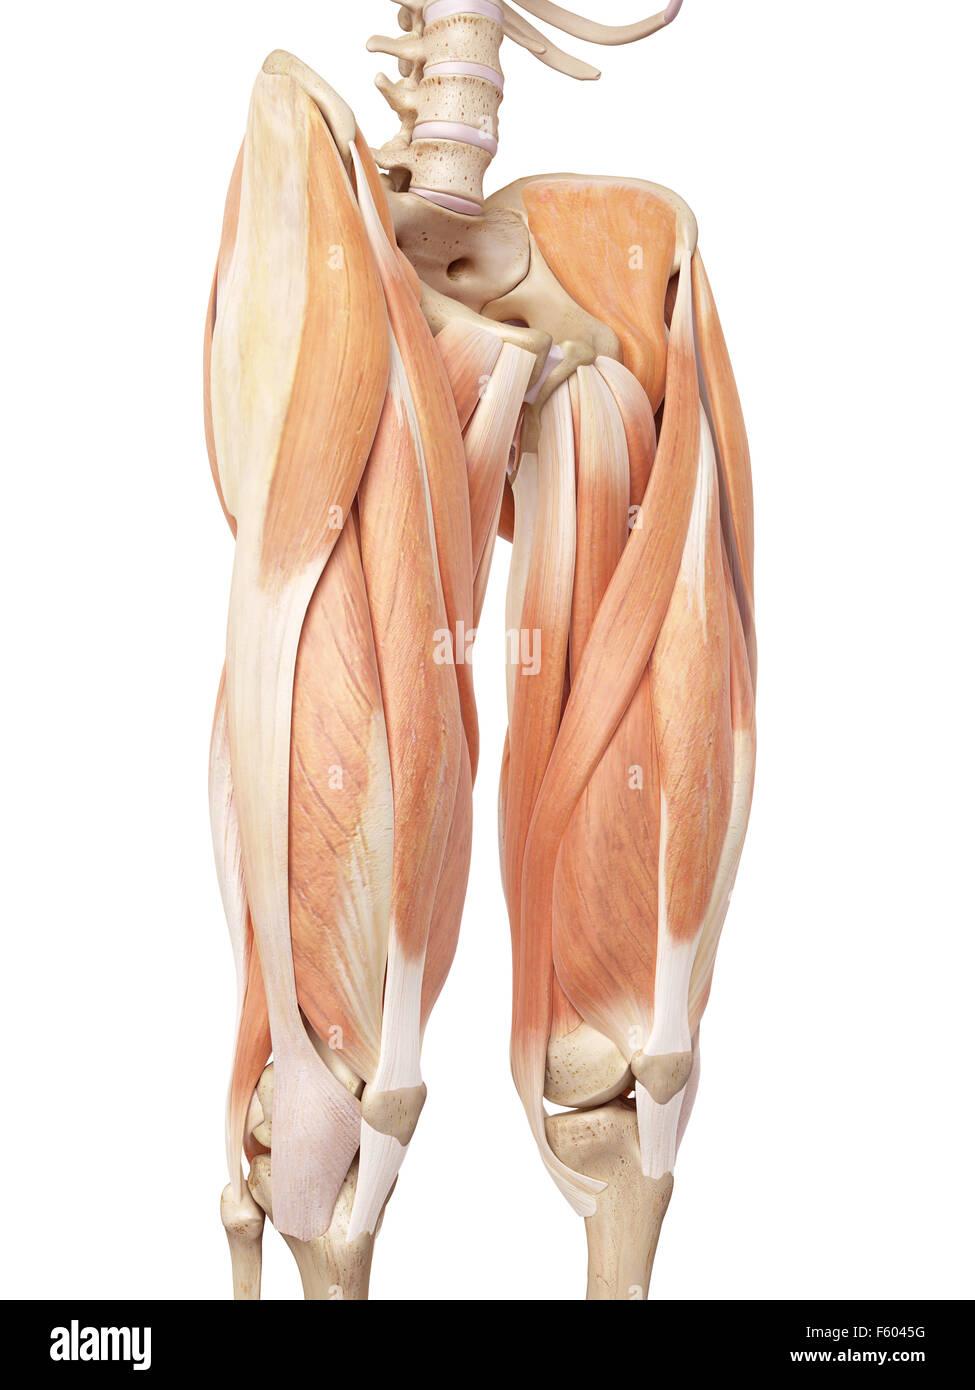 Wunderbar Anatomie Der Beinmuskulatur Und Sehnen Ideen - Menschliche ...